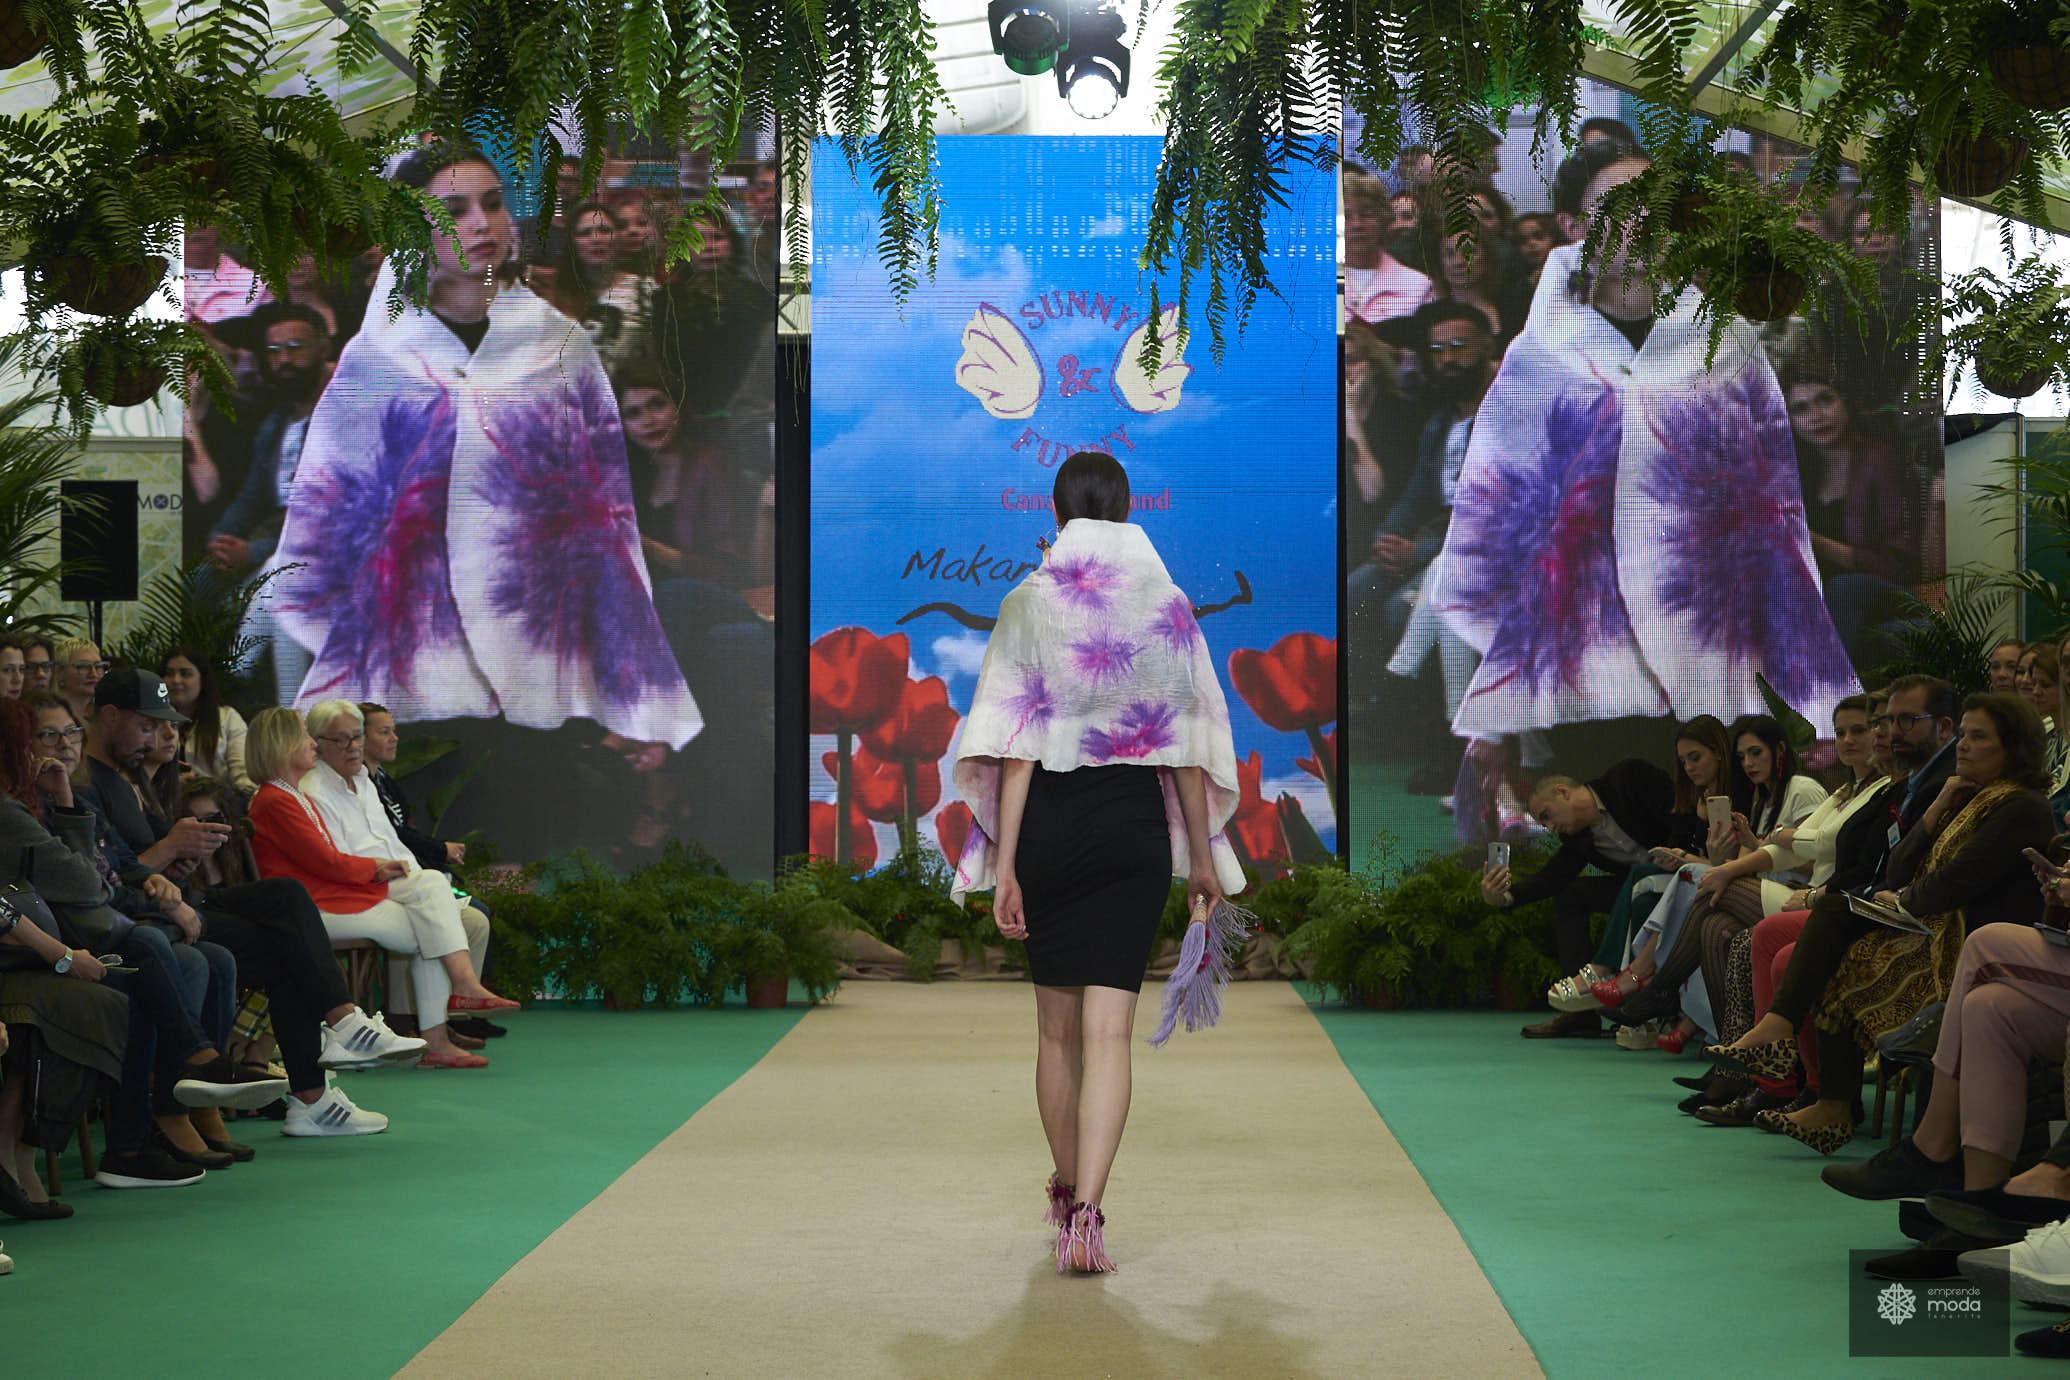 Guiños orientales, tendencia en la Feria de la Moda de Tenerife